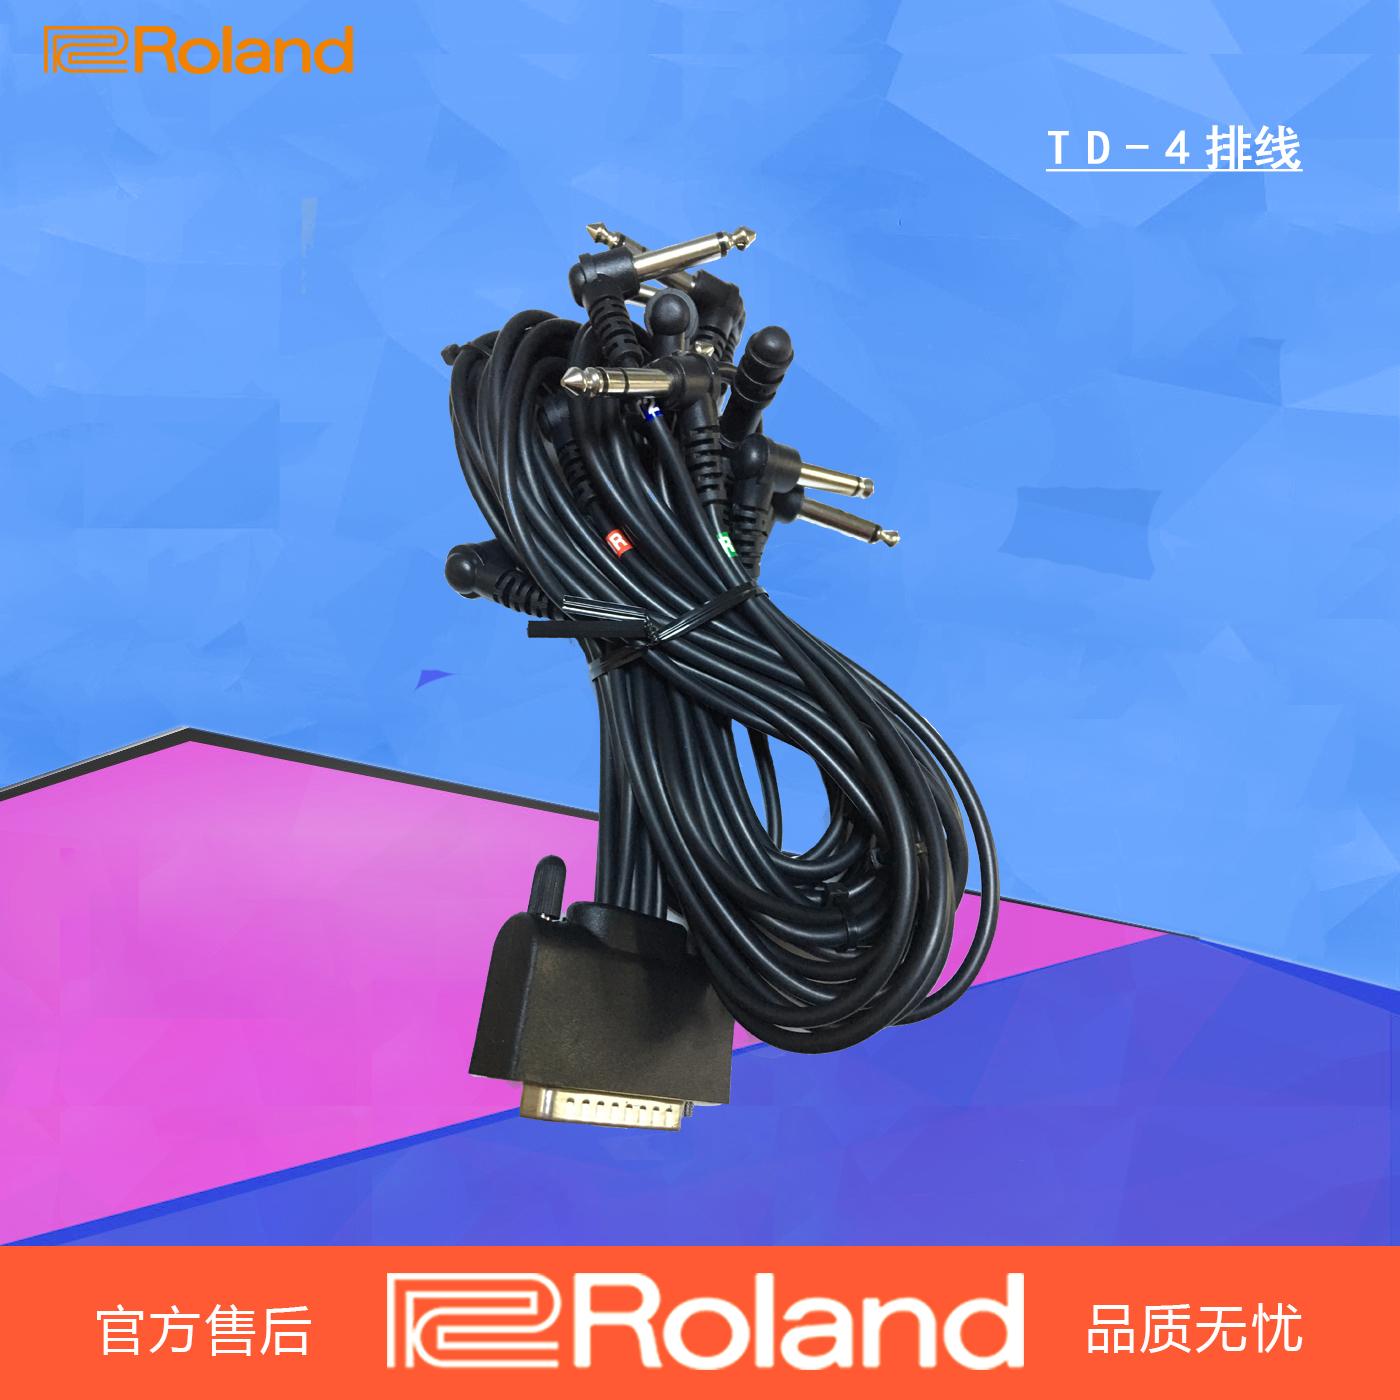 Roland/ роланд электричество барабан монтаж TD-4KP TD4 кабель оригинальный импортный роланд монтаж электронный барабан